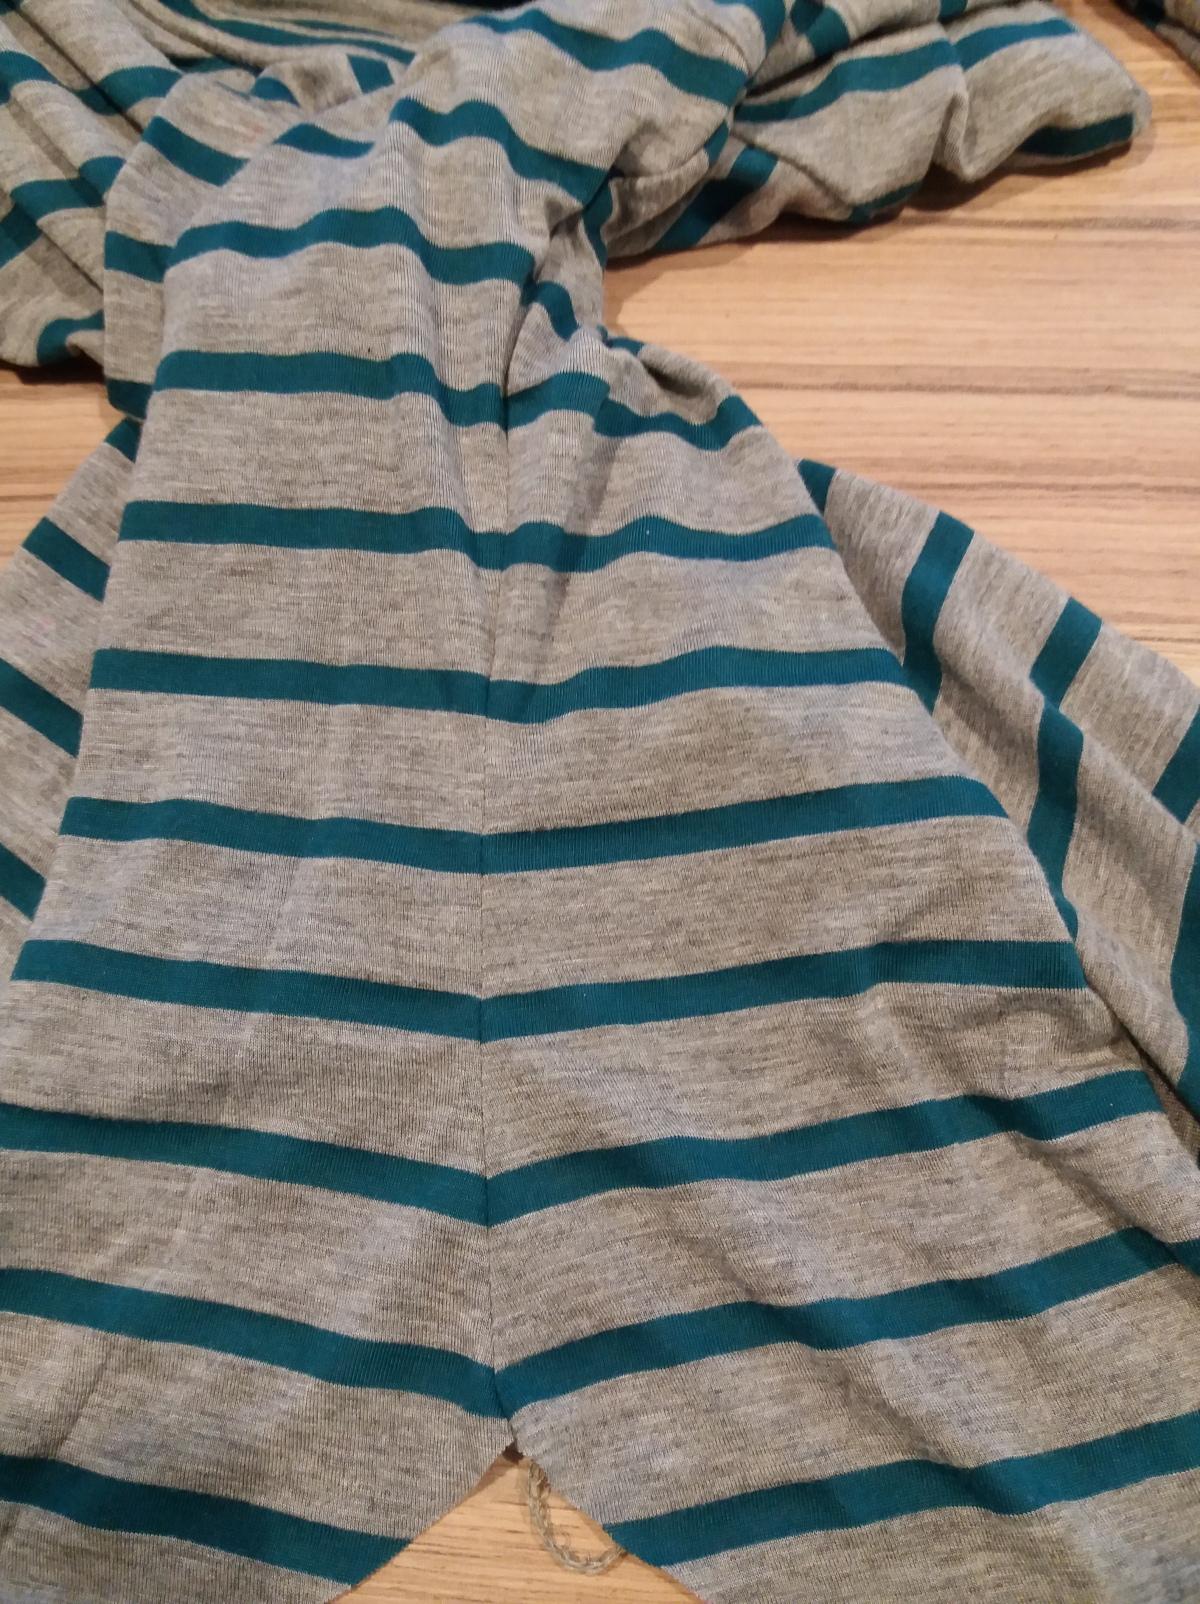 Checking stripe matching